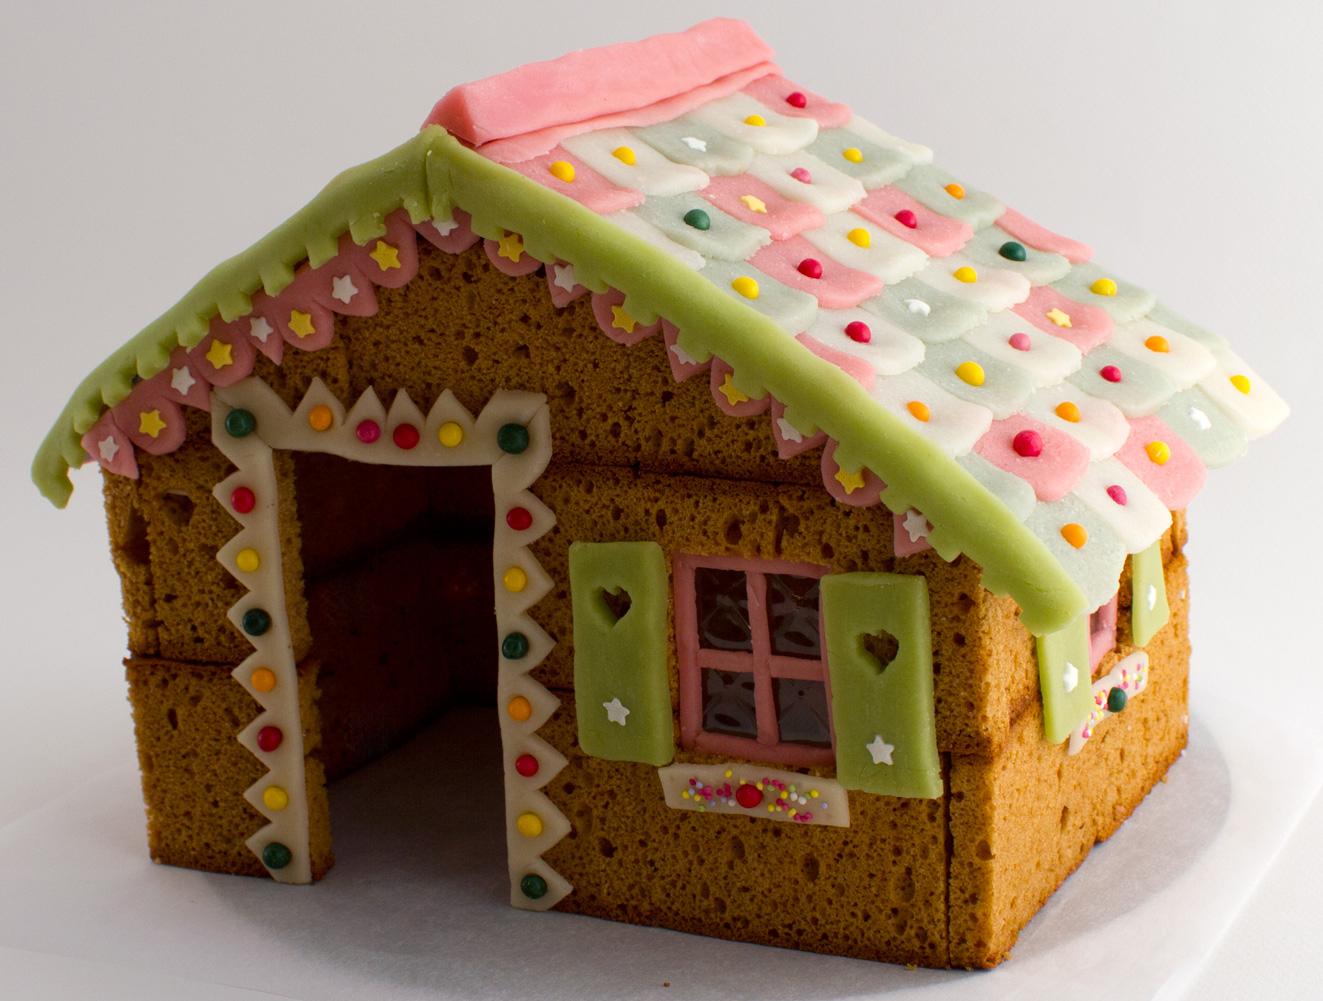 cr ations kits et r cup 39 tutoriel maison en pain d 39 pices. Black Bedroom Furniture Sets. Home Design Ideas